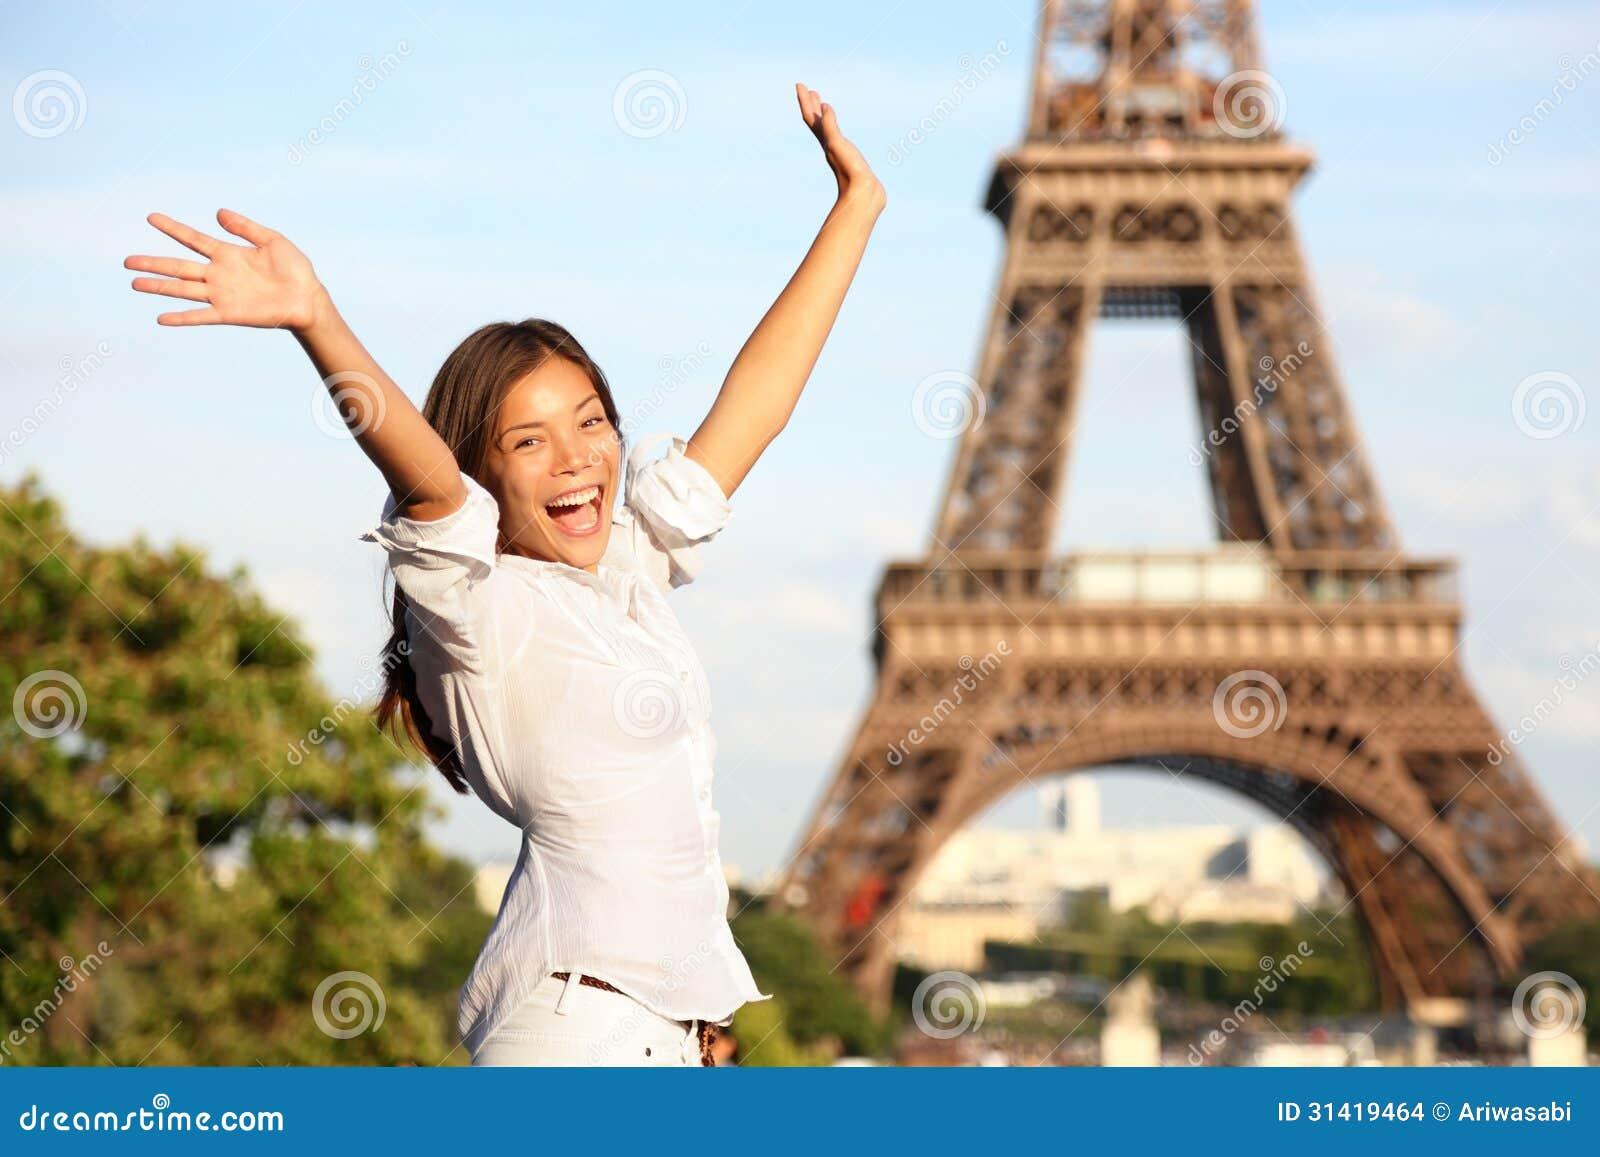 Paris Tourist Traveling: Travel Paris Eiffel Tower Woman Happy Tourist Stock Images